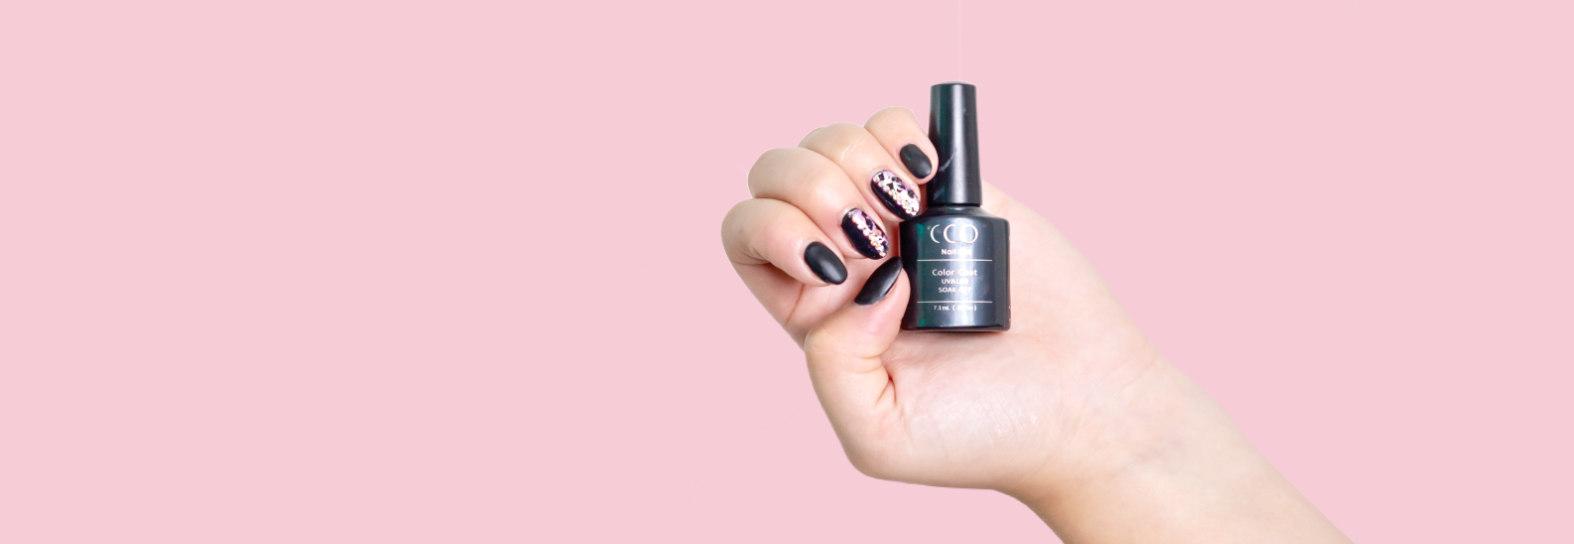 Promotie nagels bij Salon Stralend in Hengelo